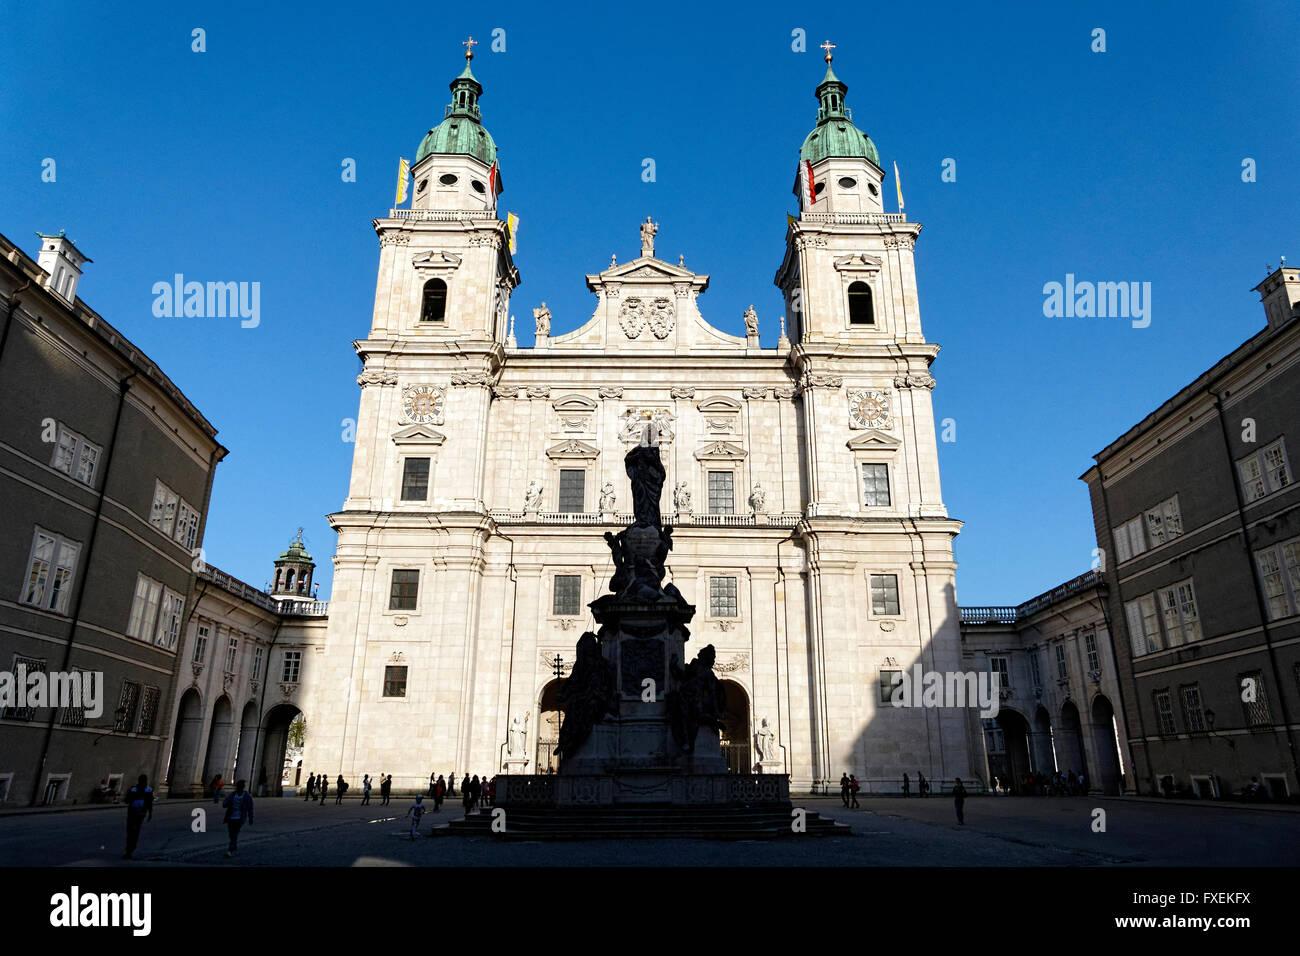 Domplatz Quadrat mit Dom Kathedrale und Mariensaule Spalte, Salzburg, Österreich, Europa. Stockbild